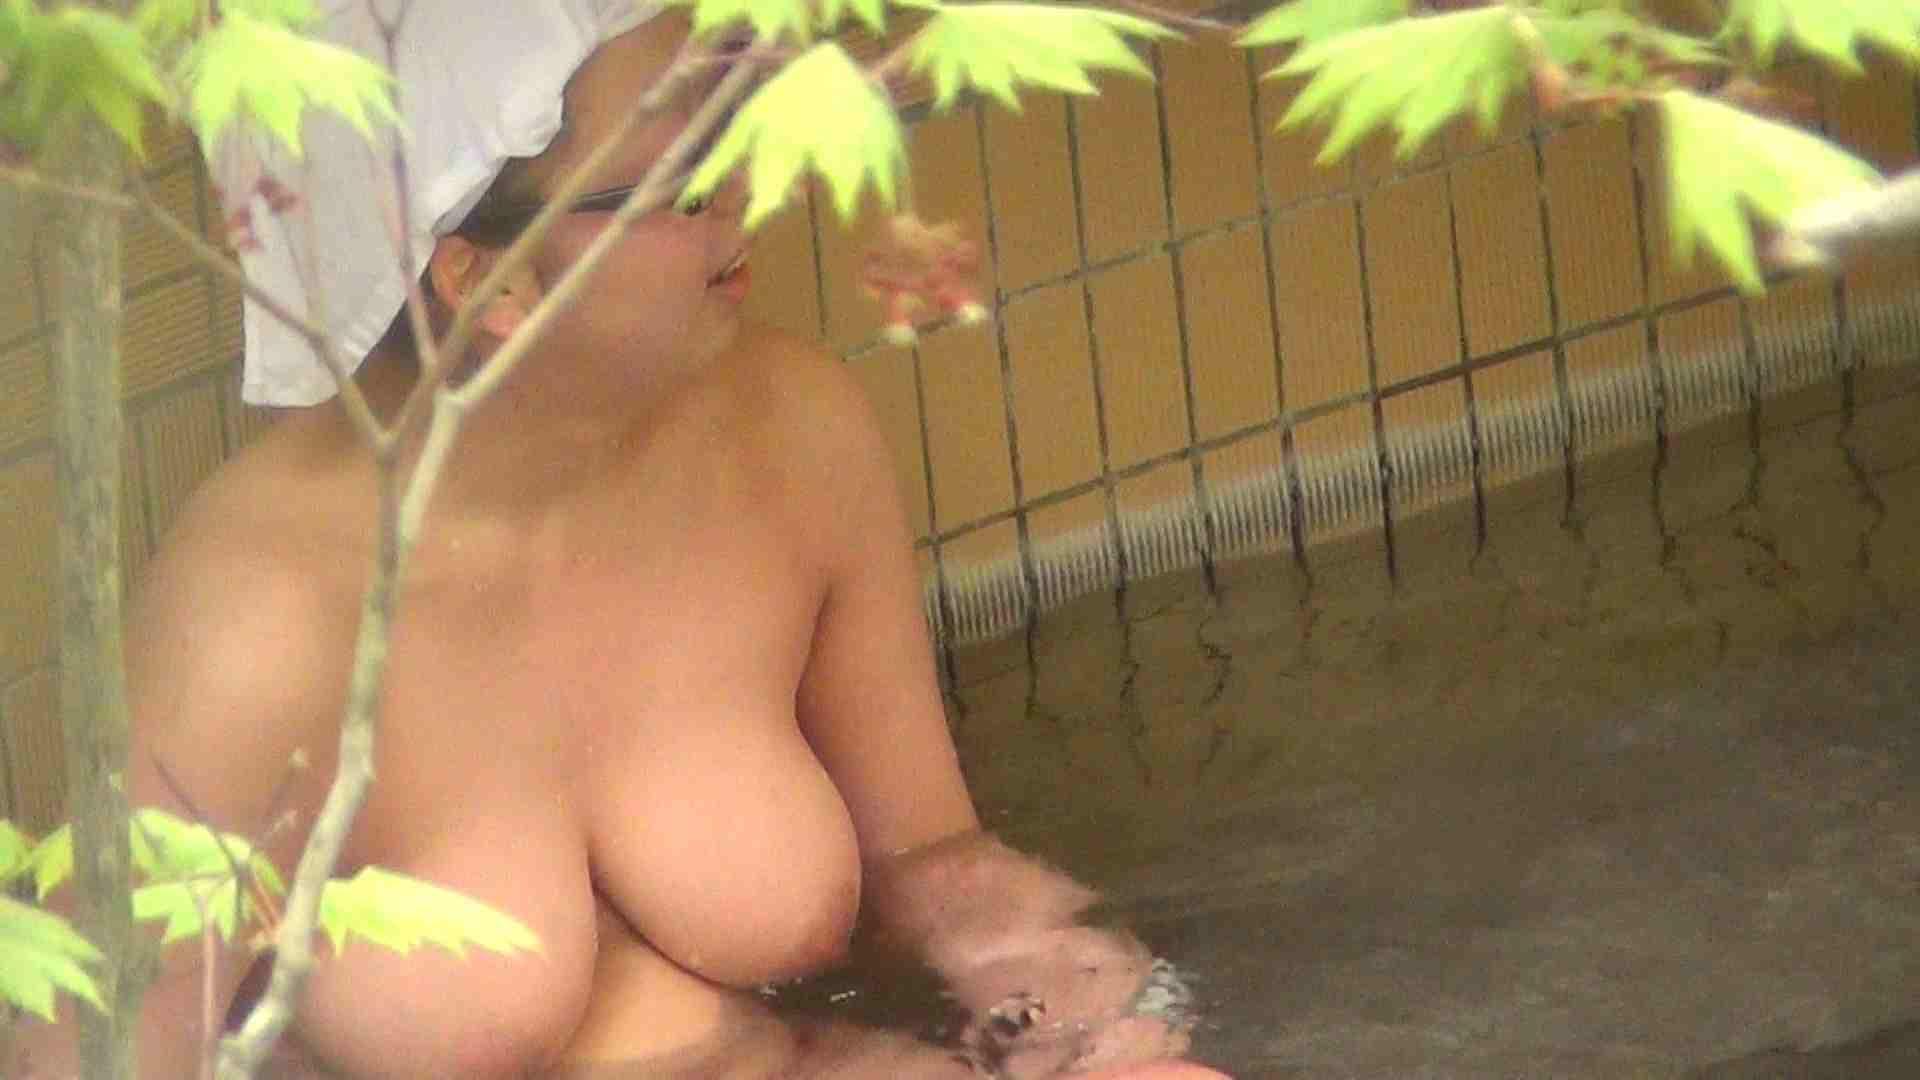 ハイビジョンVol.7 巨乳と細身の美乳 お好みで 美女 濡れ場動画紹介 74pic 39